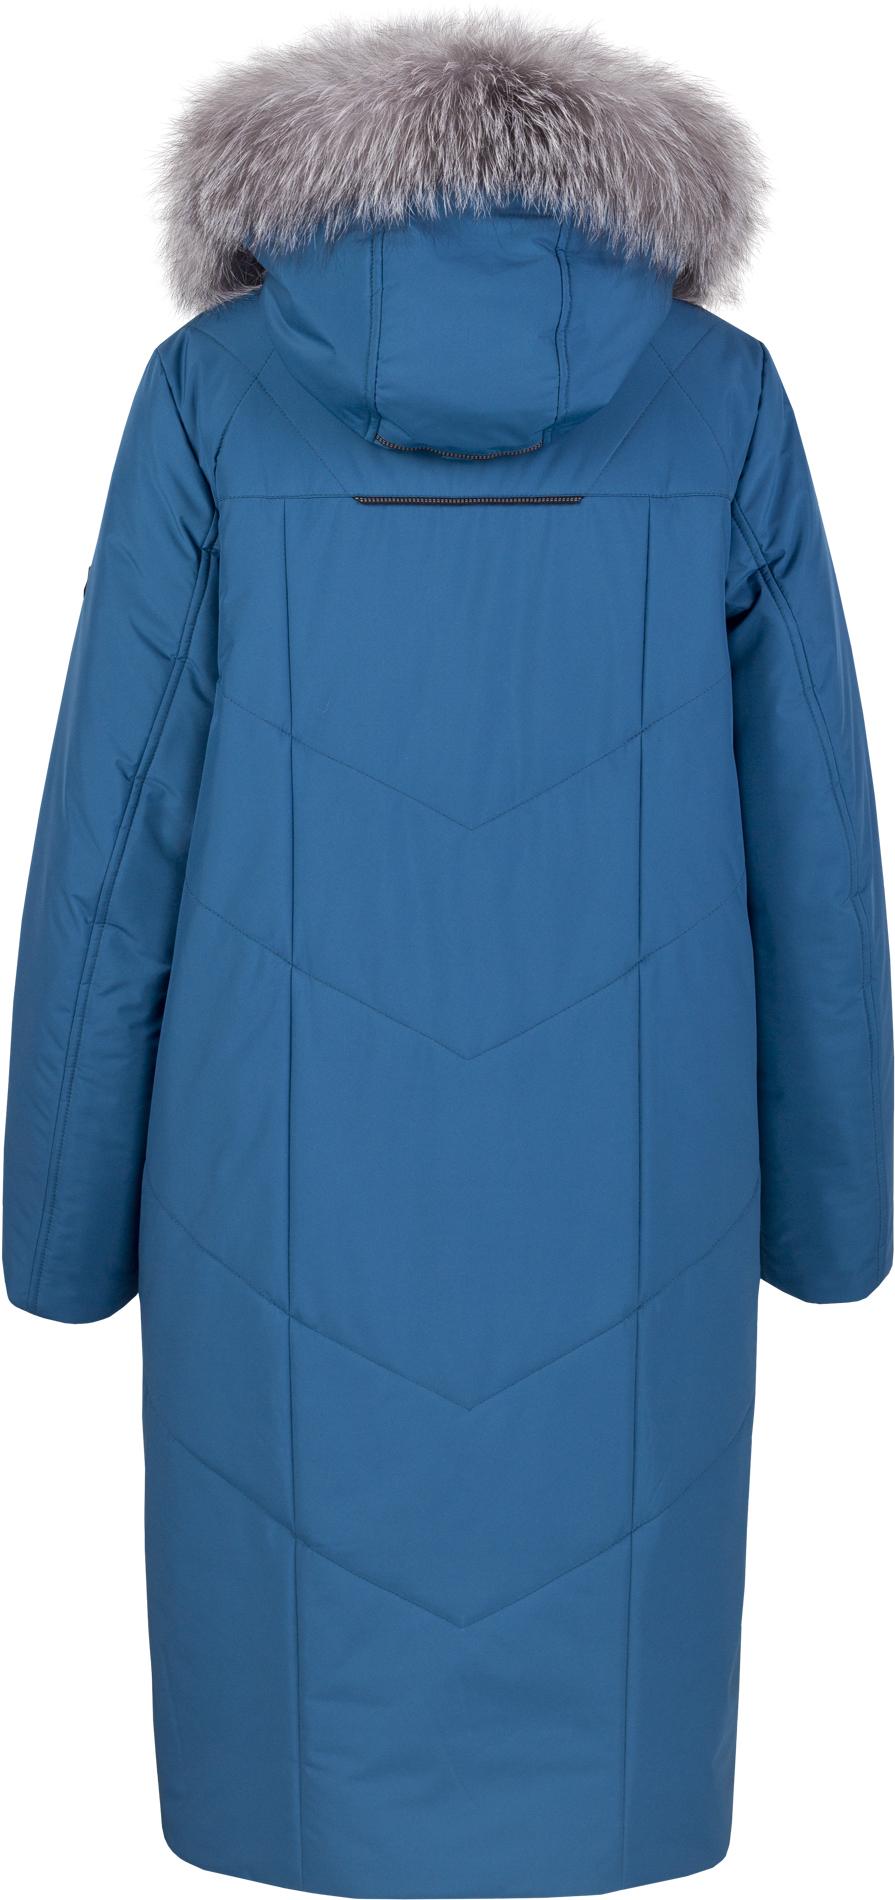 Куртка жен зима 3072F LimoLady — фото 4